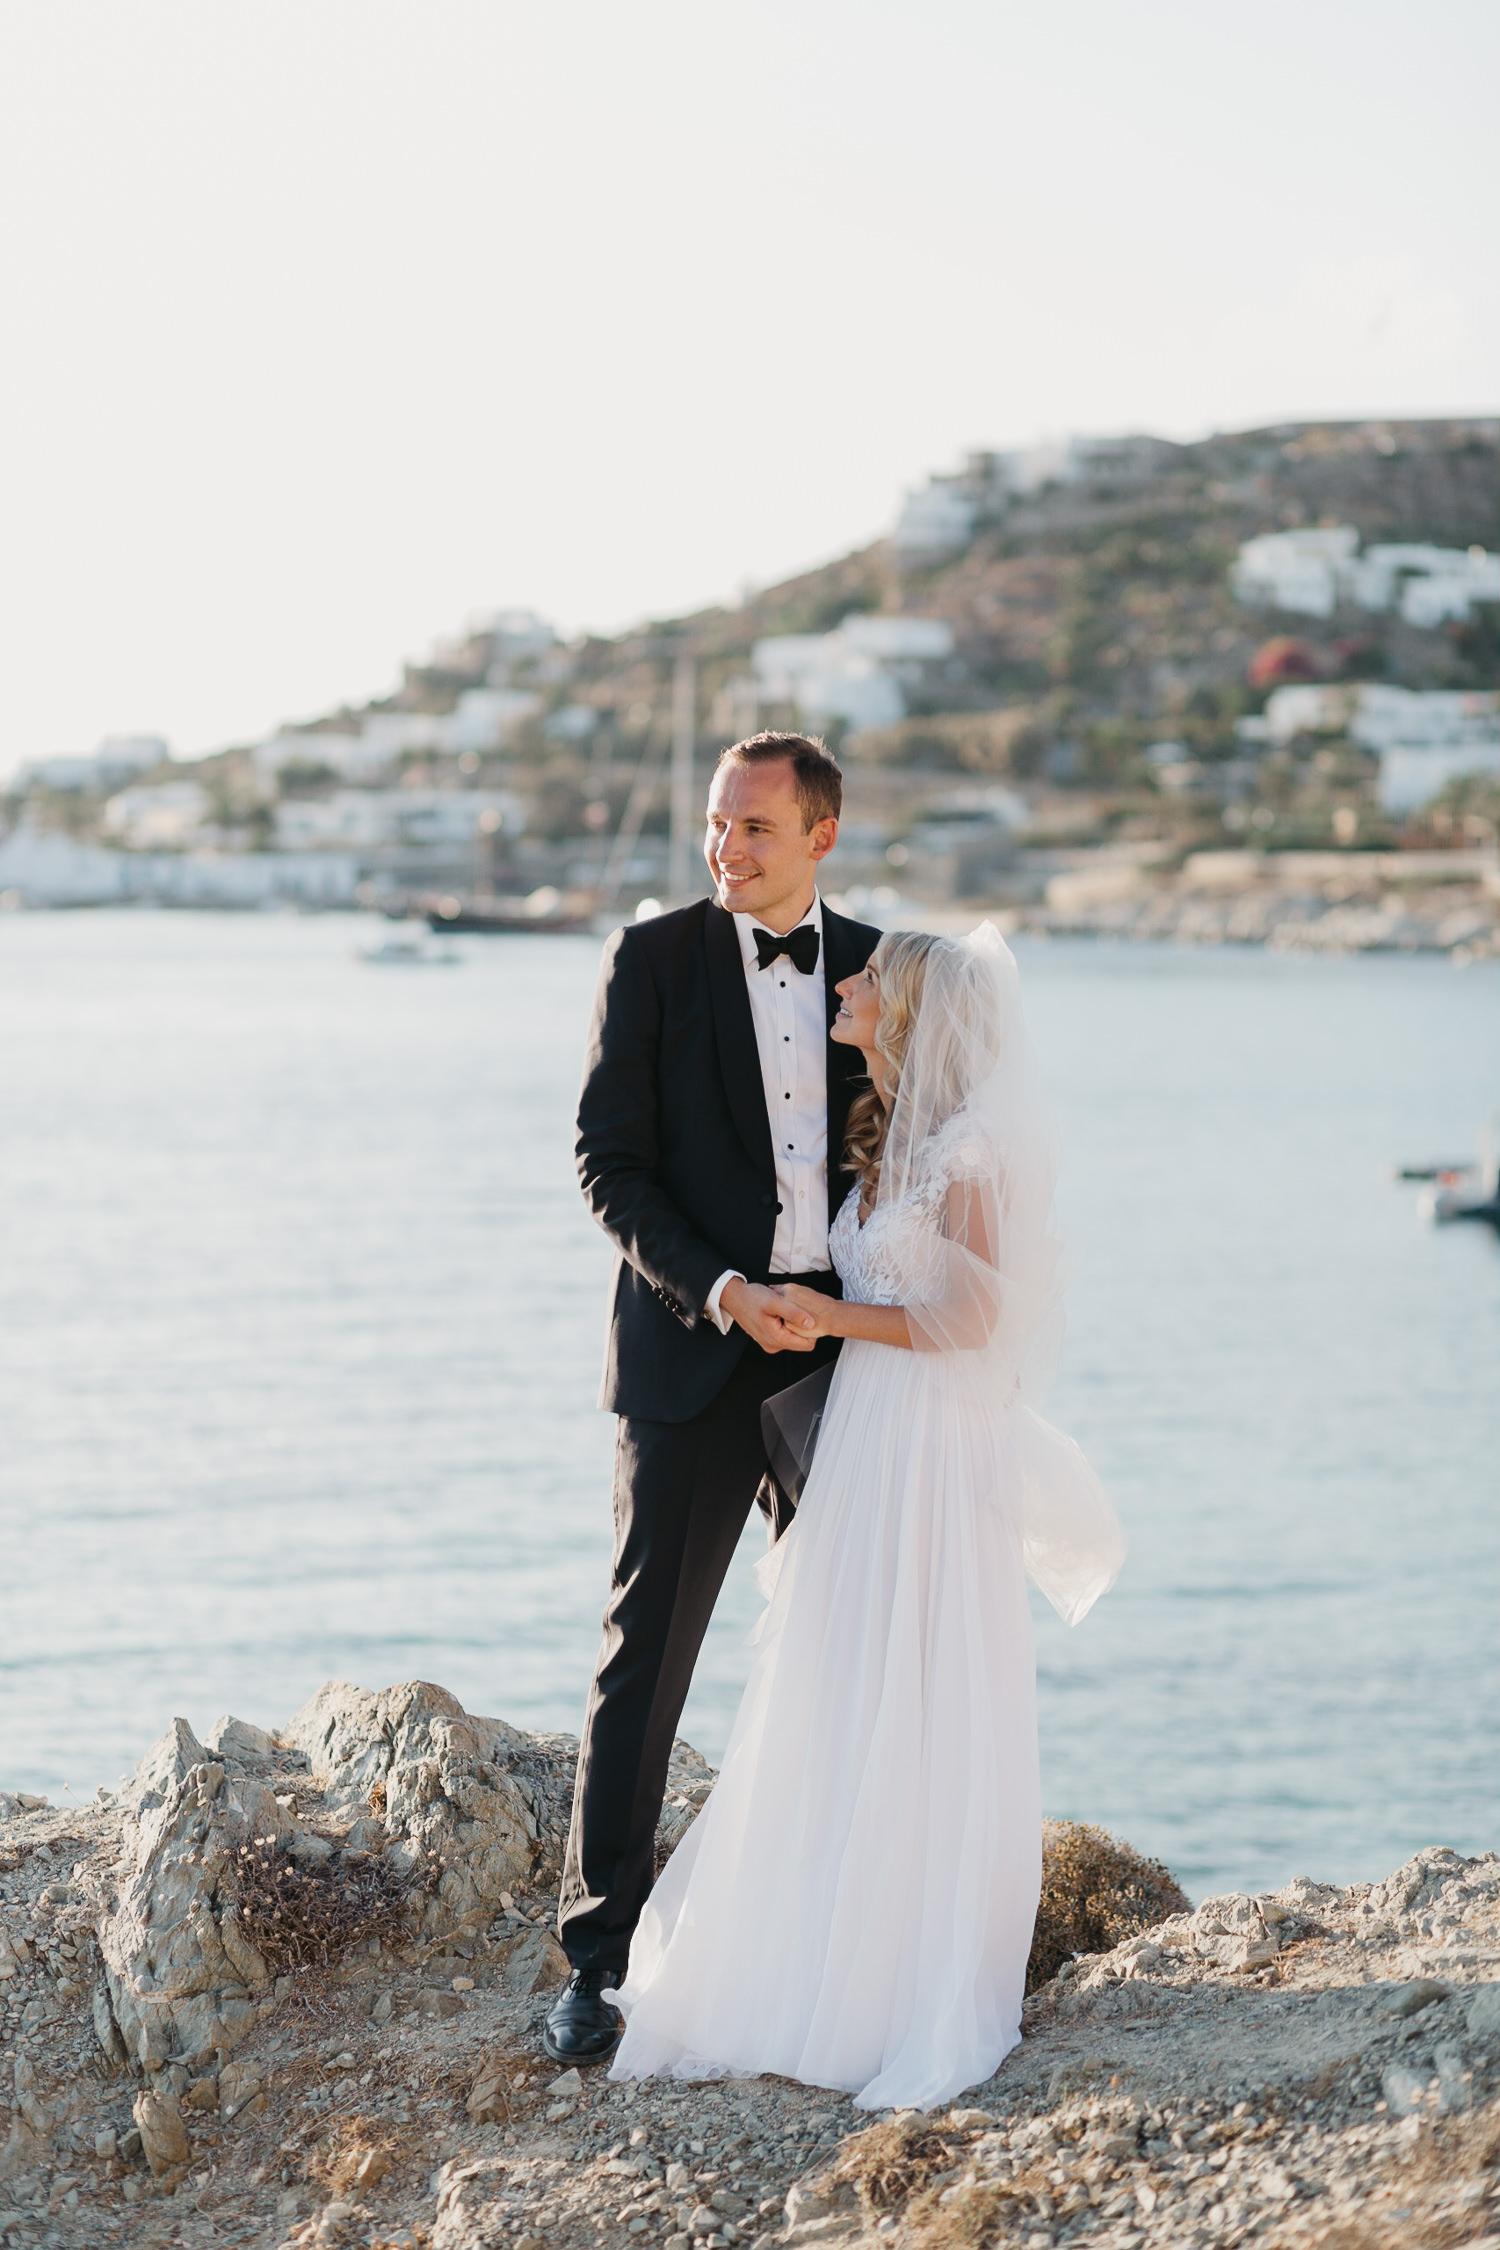 Hippie Fish Mykonos Wedding Photographer - Liron Erel Echoes & Wild Hearts 0040.jpg